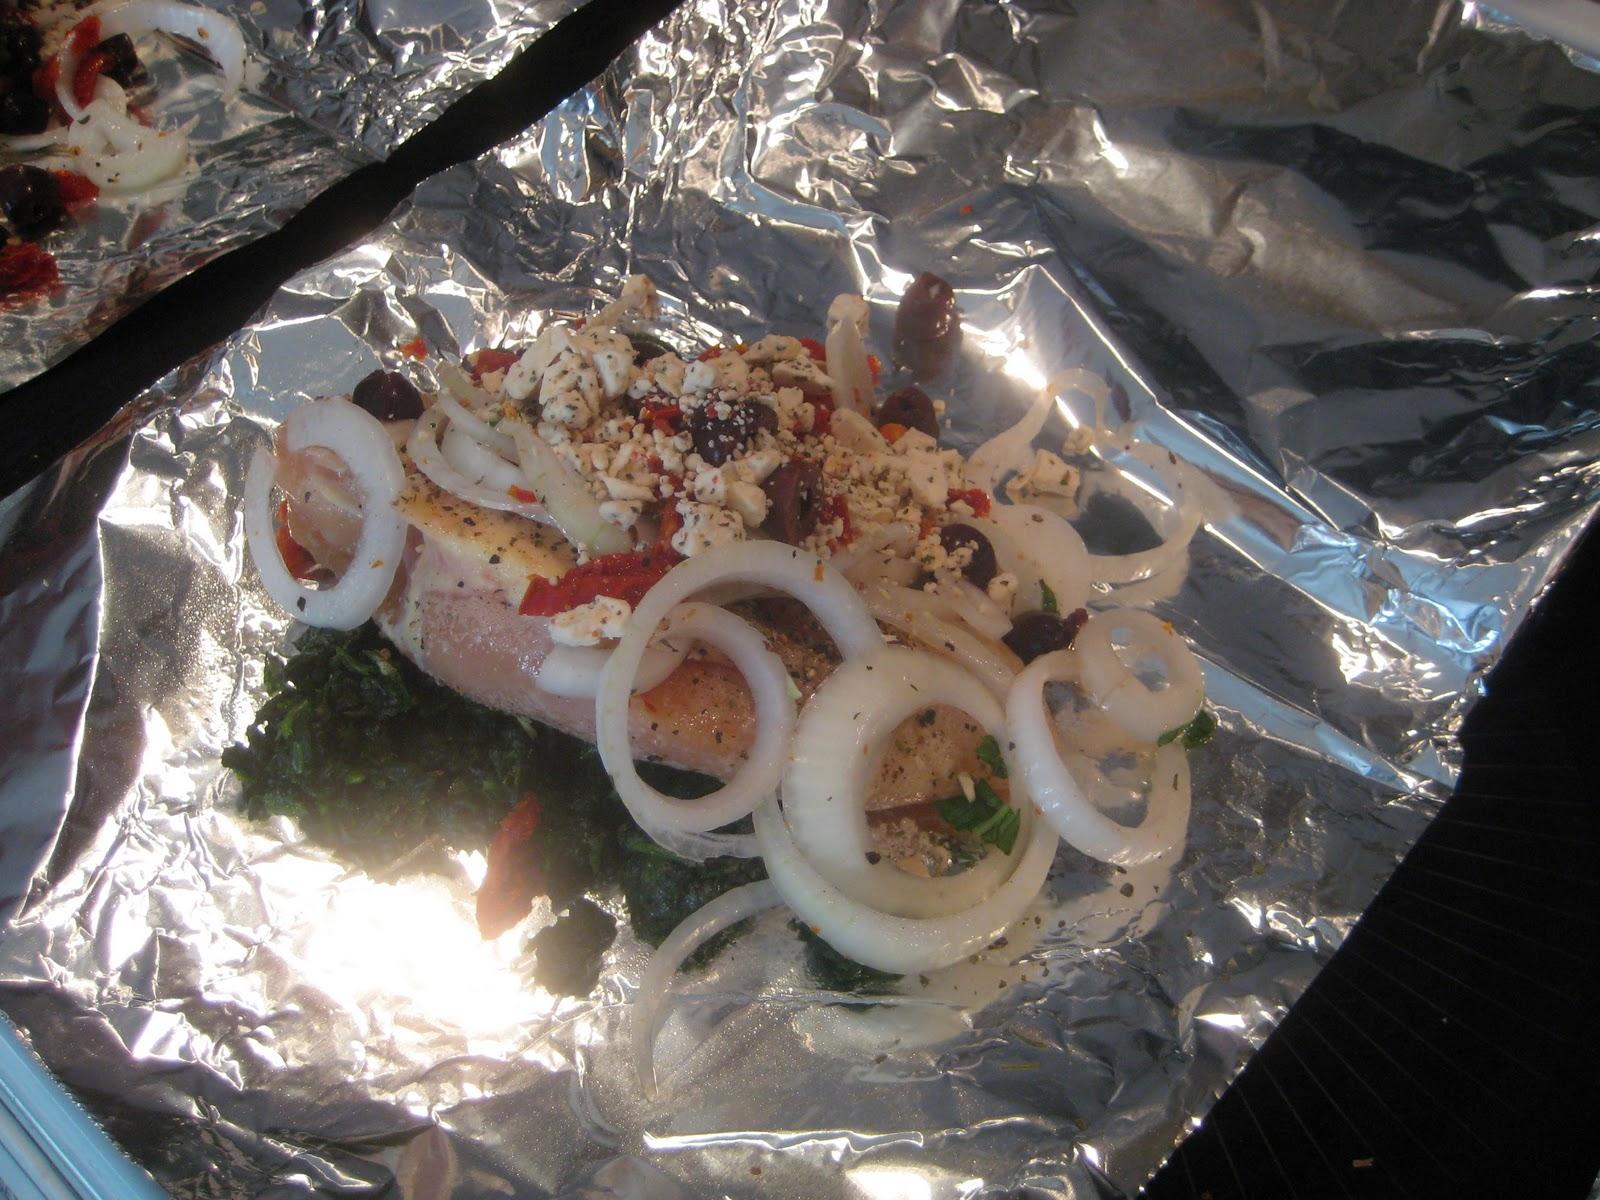 ... Chef: Chicken Dinner in a Foil Packet .... MEDITERANNEAN style